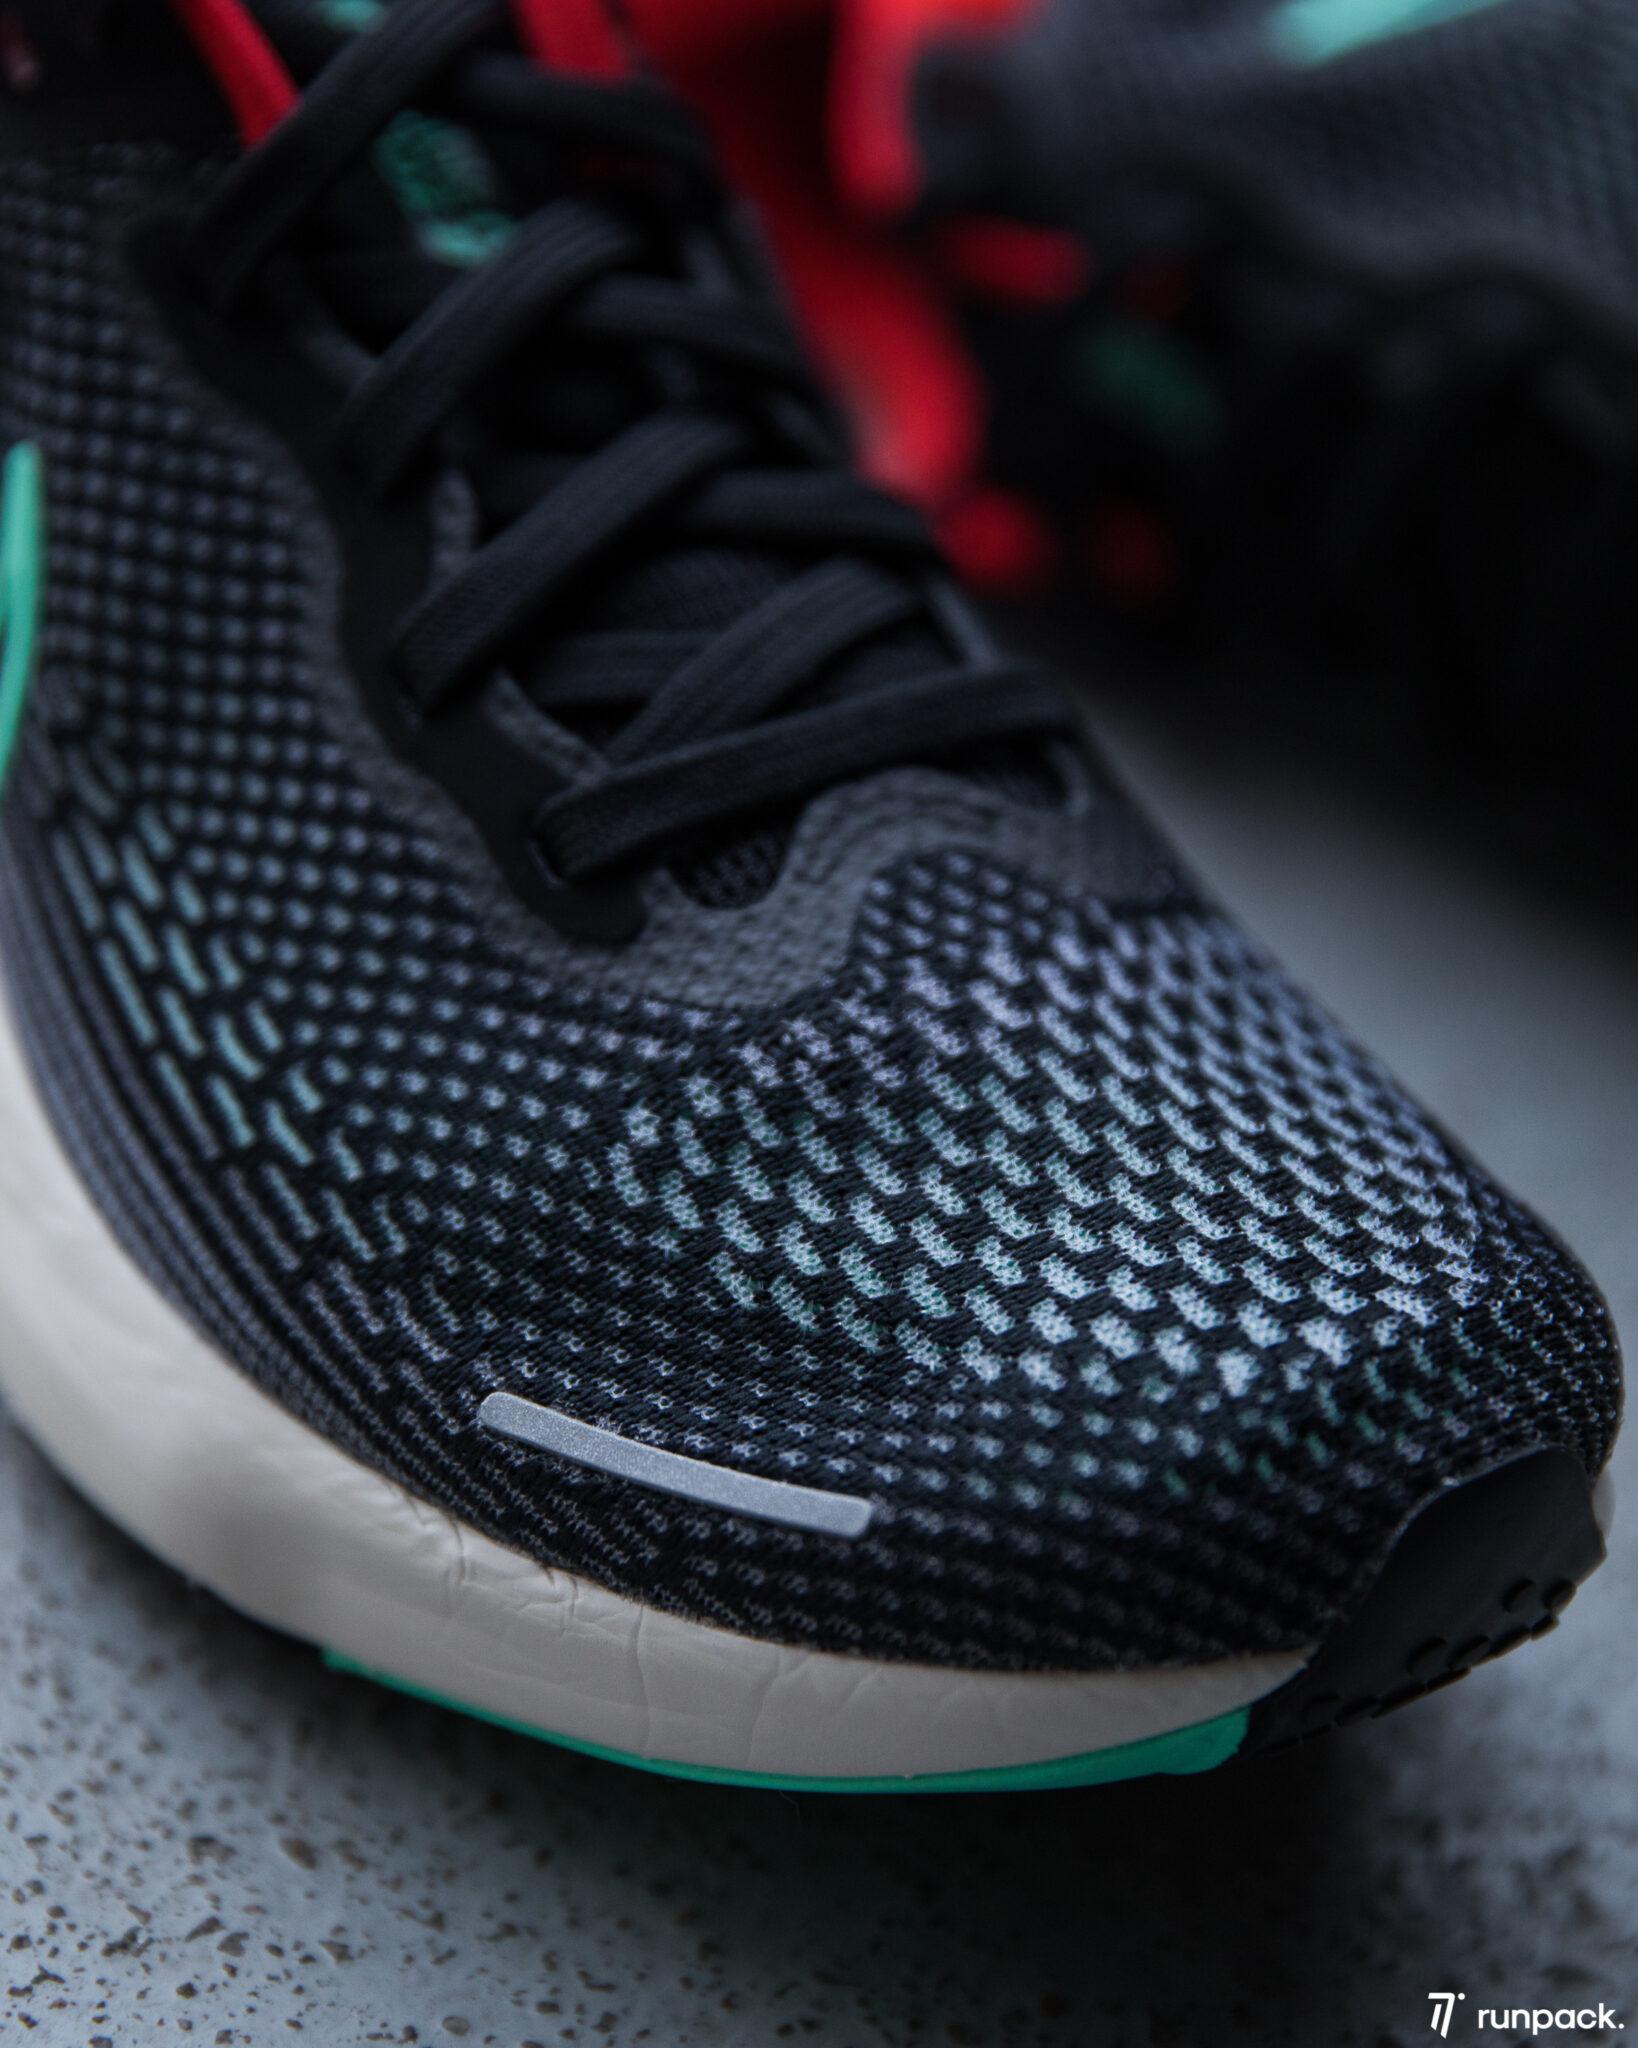 nike zoomx invincible run chaussures running runpack 4